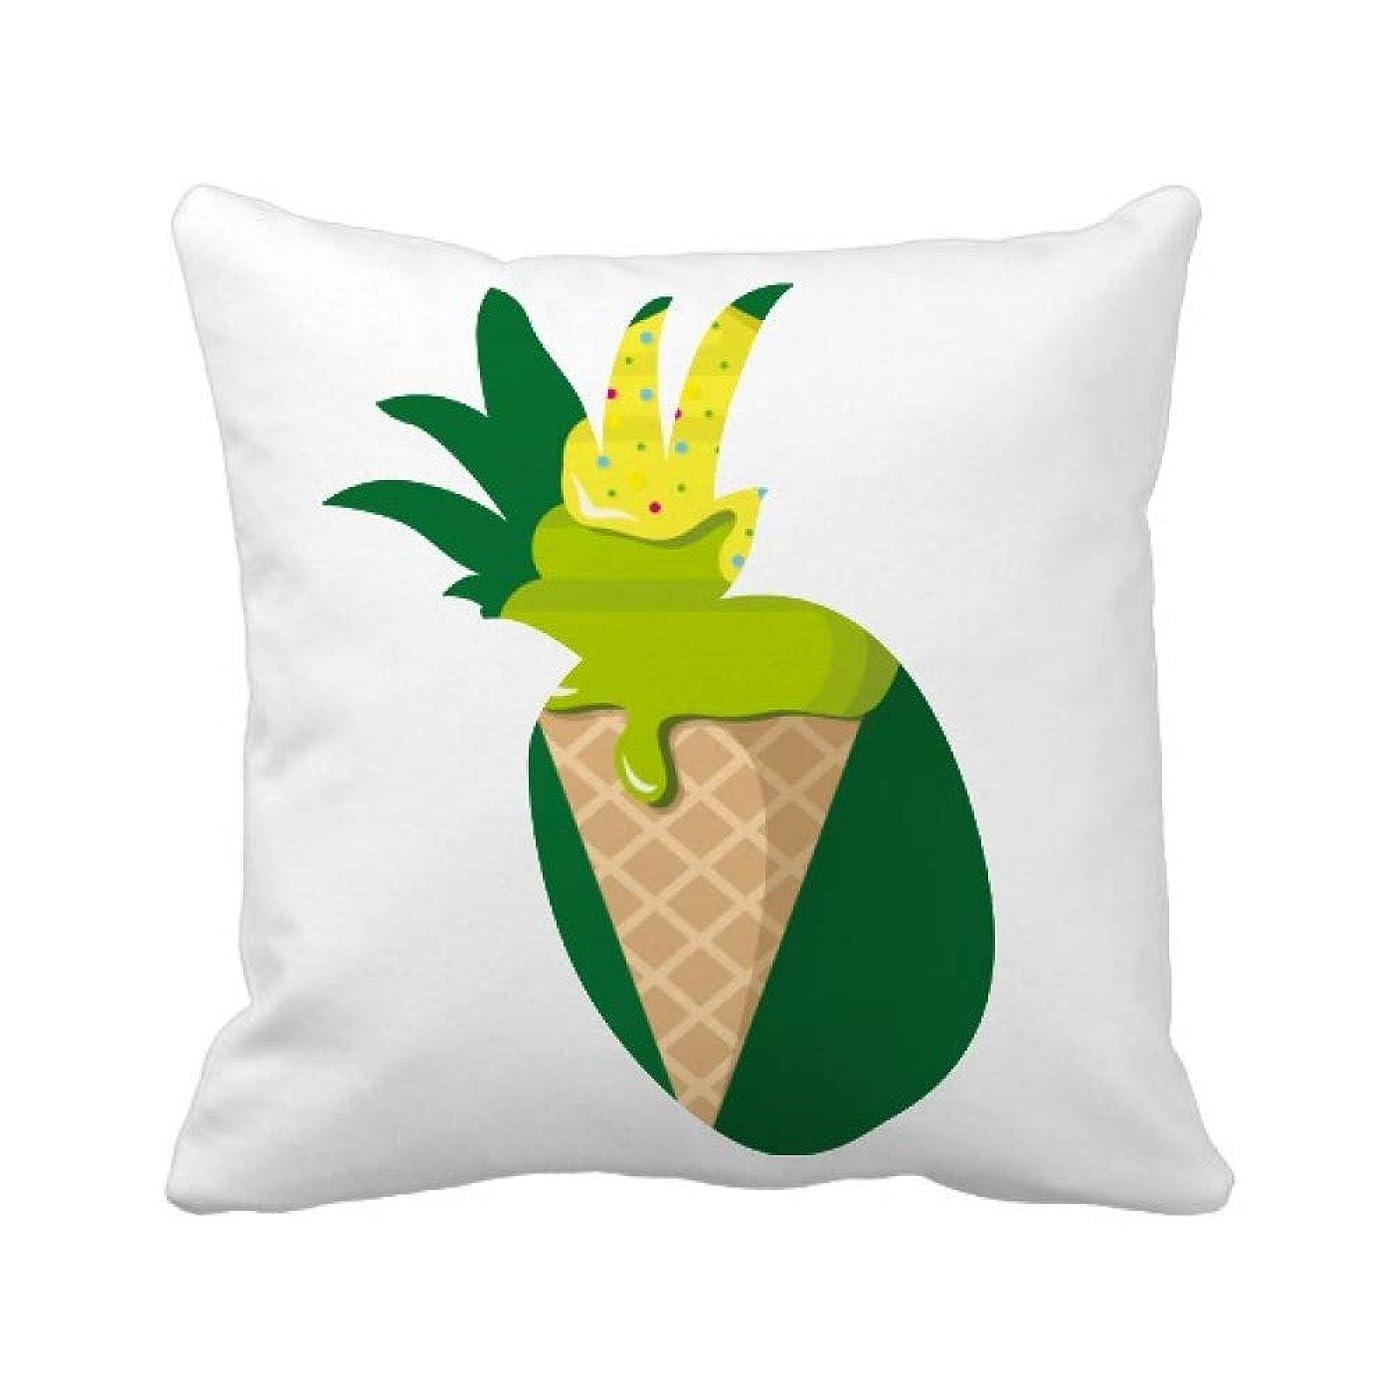 装備する置換ジャンク緑の抹茶アイスクリームコーンアイスキャンディー パイナップル枕カバー正方形を投げる 50cm x 50cm